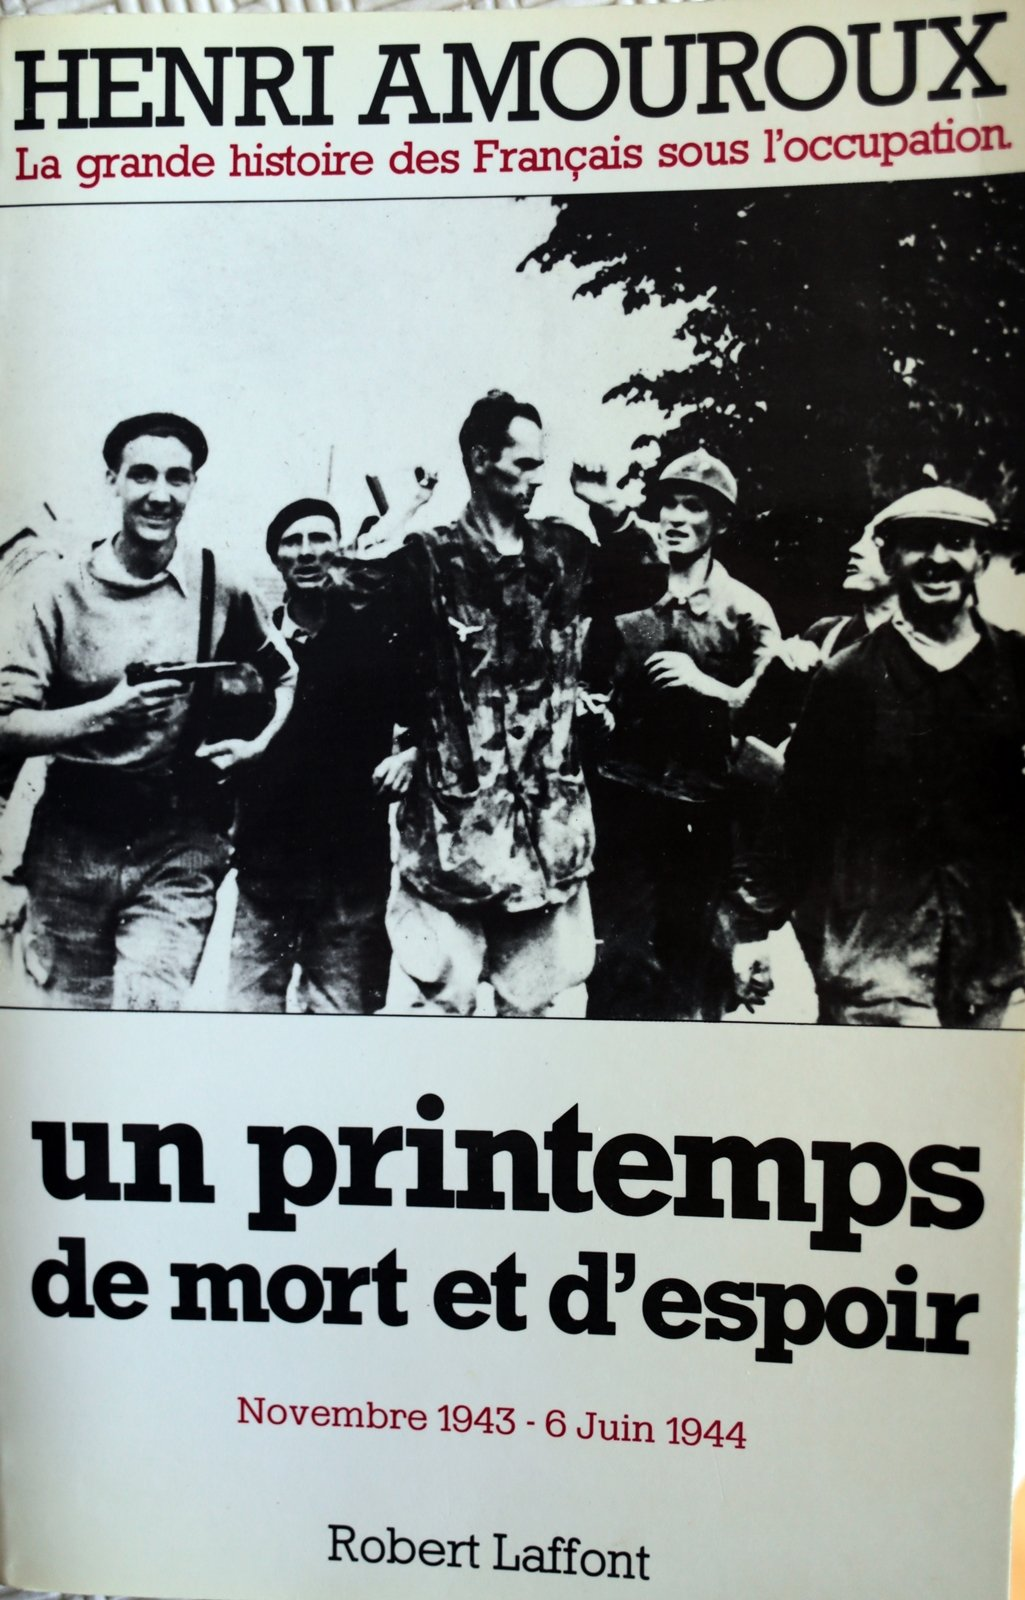 La grande histoire des Français sous l'occupation...